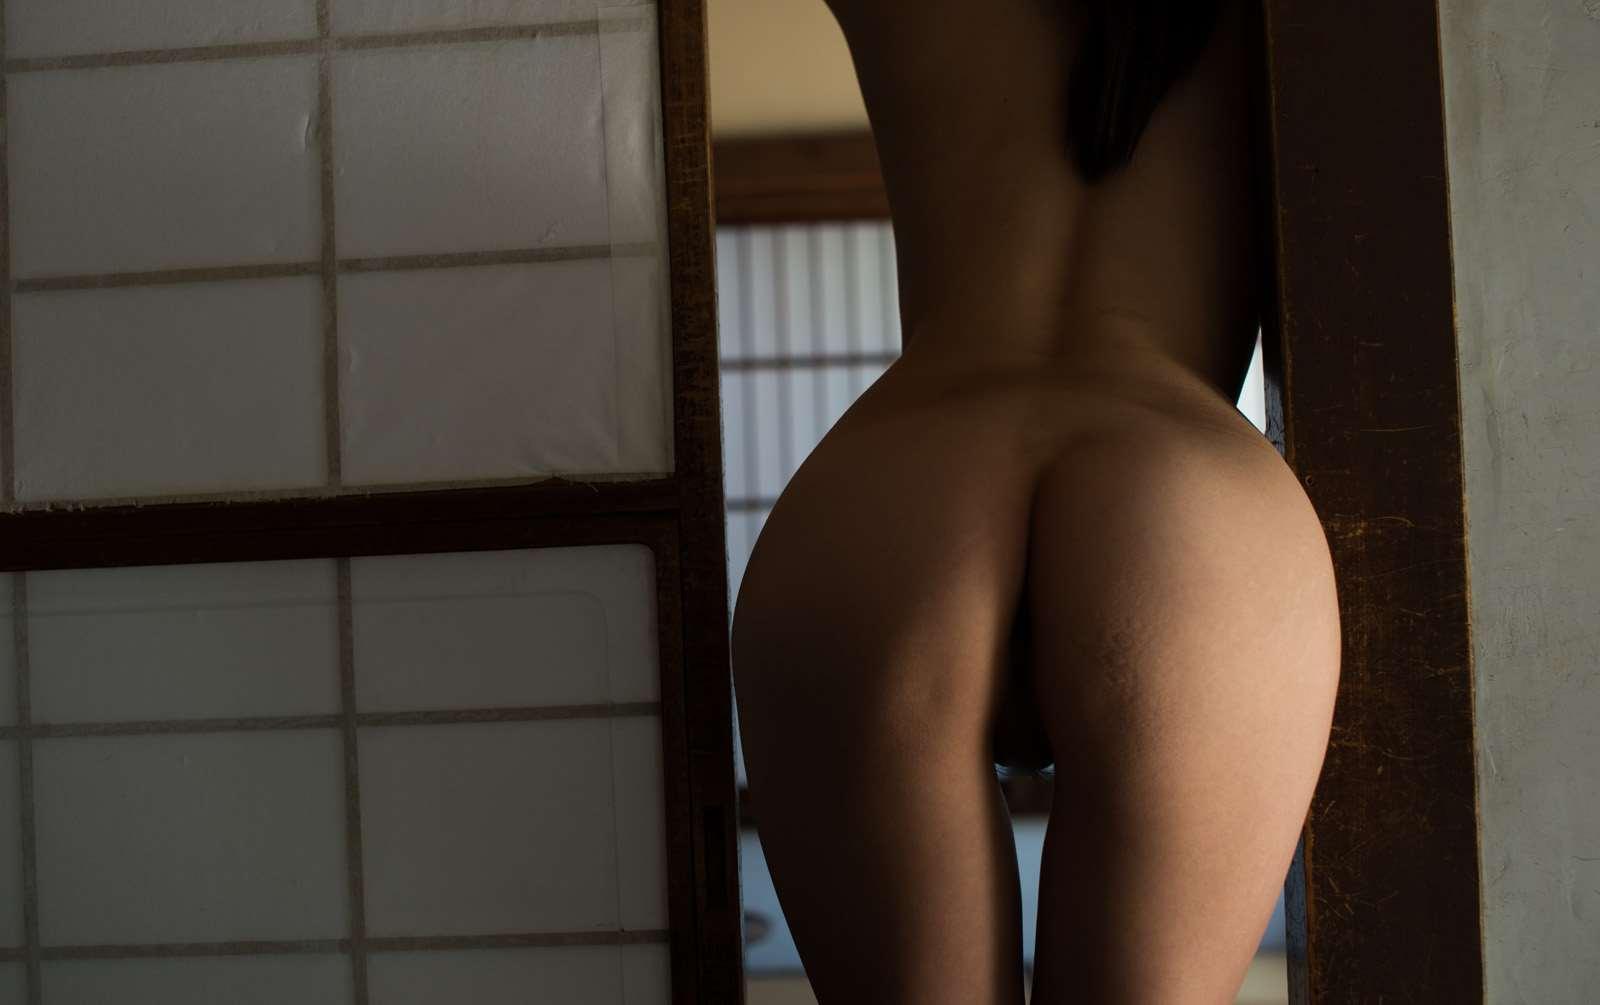 つぼみ (AV女優) ヌード画像 30